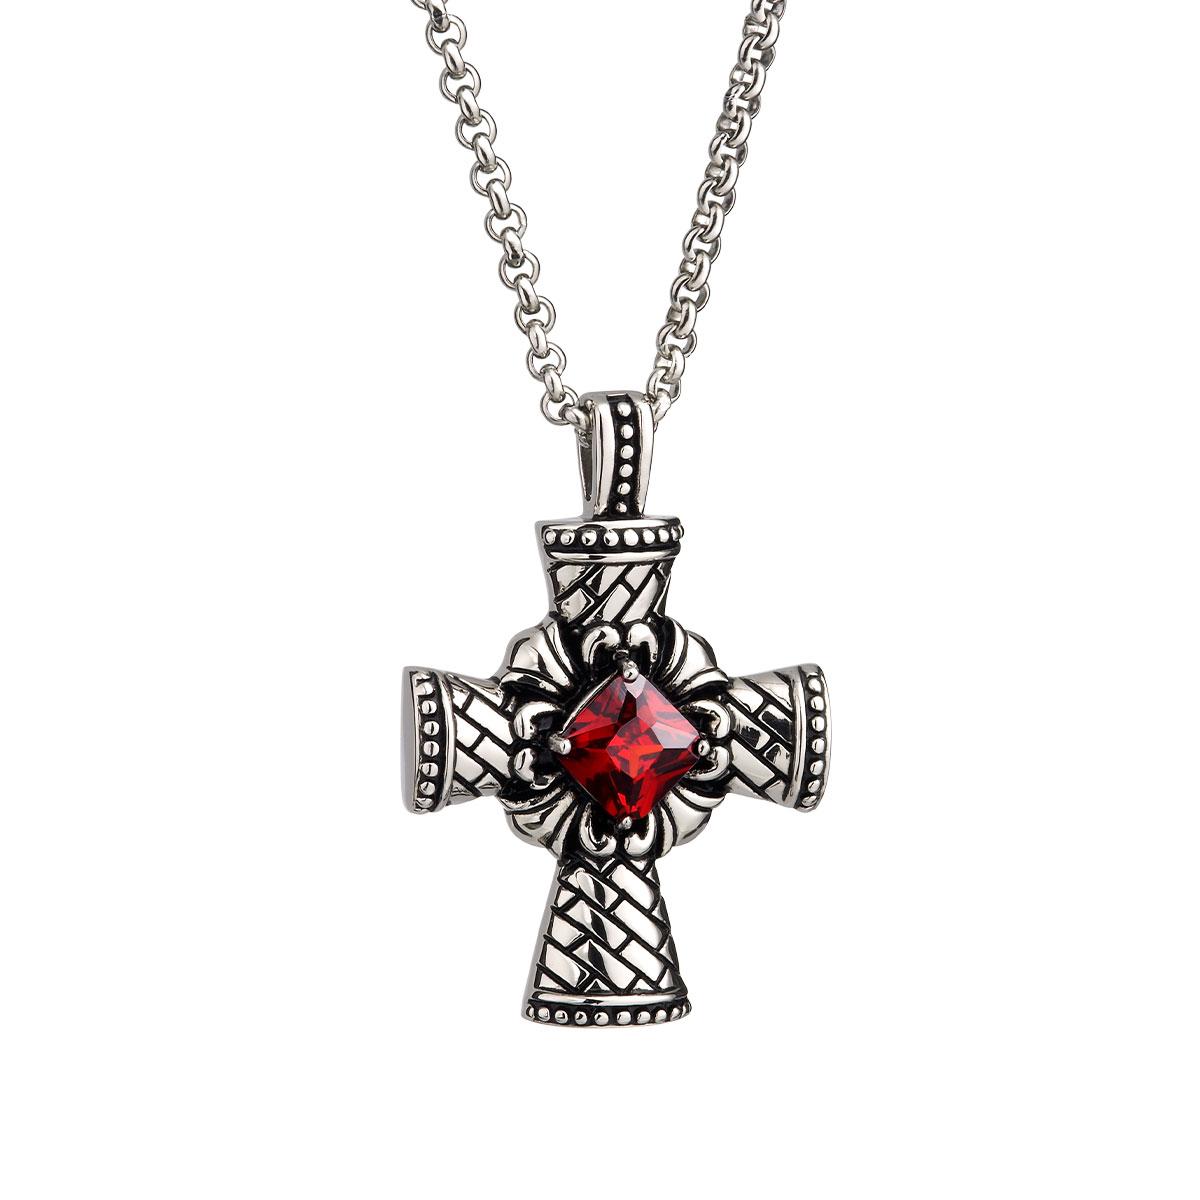 AE64 聖光十字個性項鍊